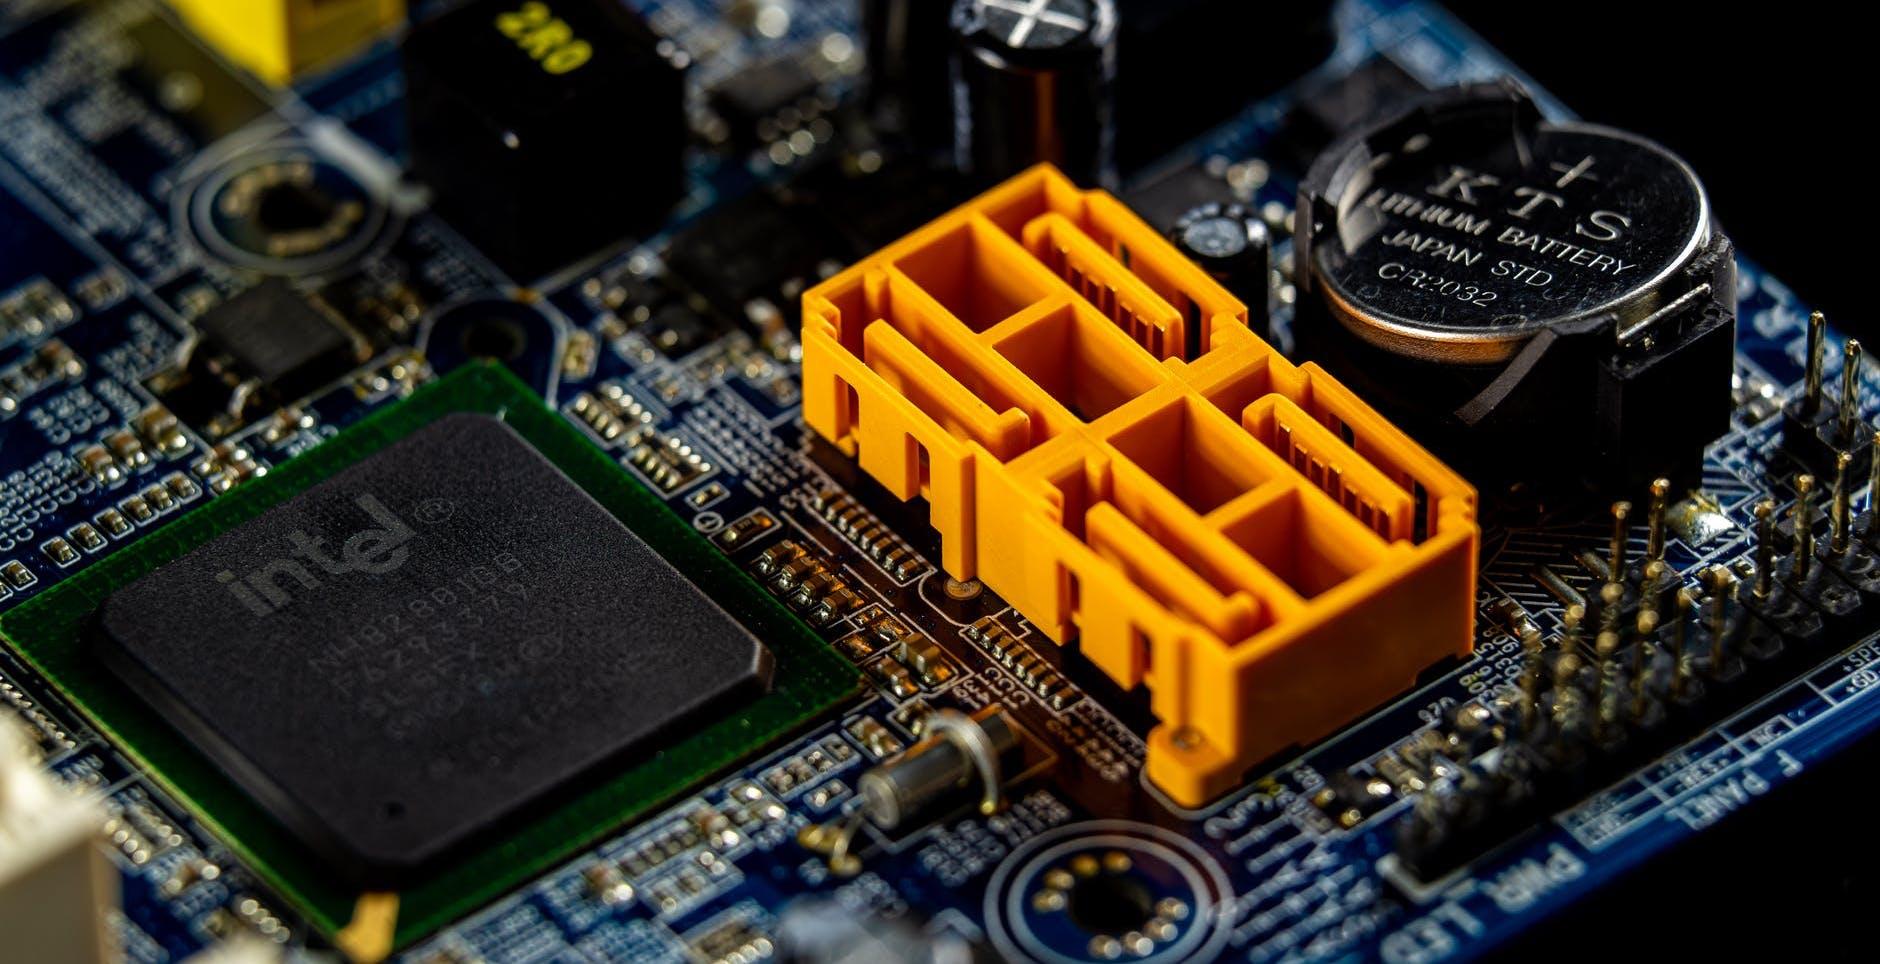 Intel avverte: la crisi dei chip potrebbe durare ancora per anni